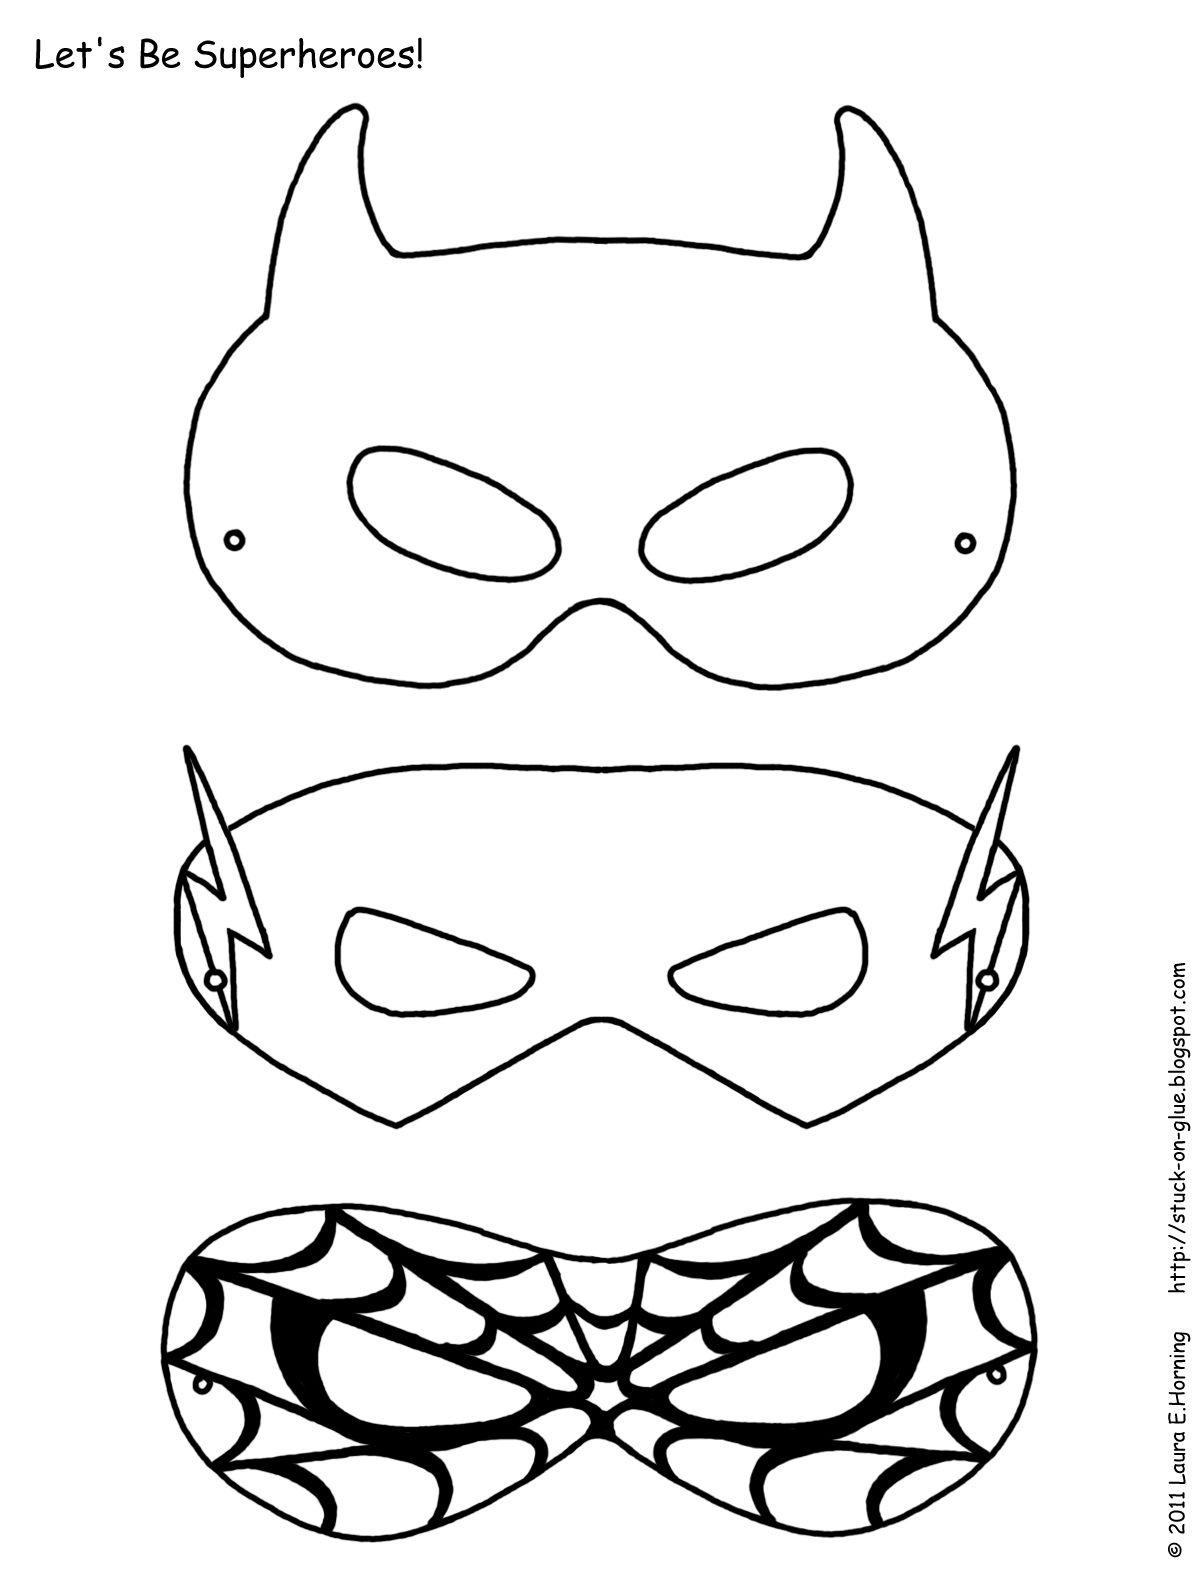 Mask Printable   Free Printable Superhero Mask Template   Masks - Free Printable Superhero Masks